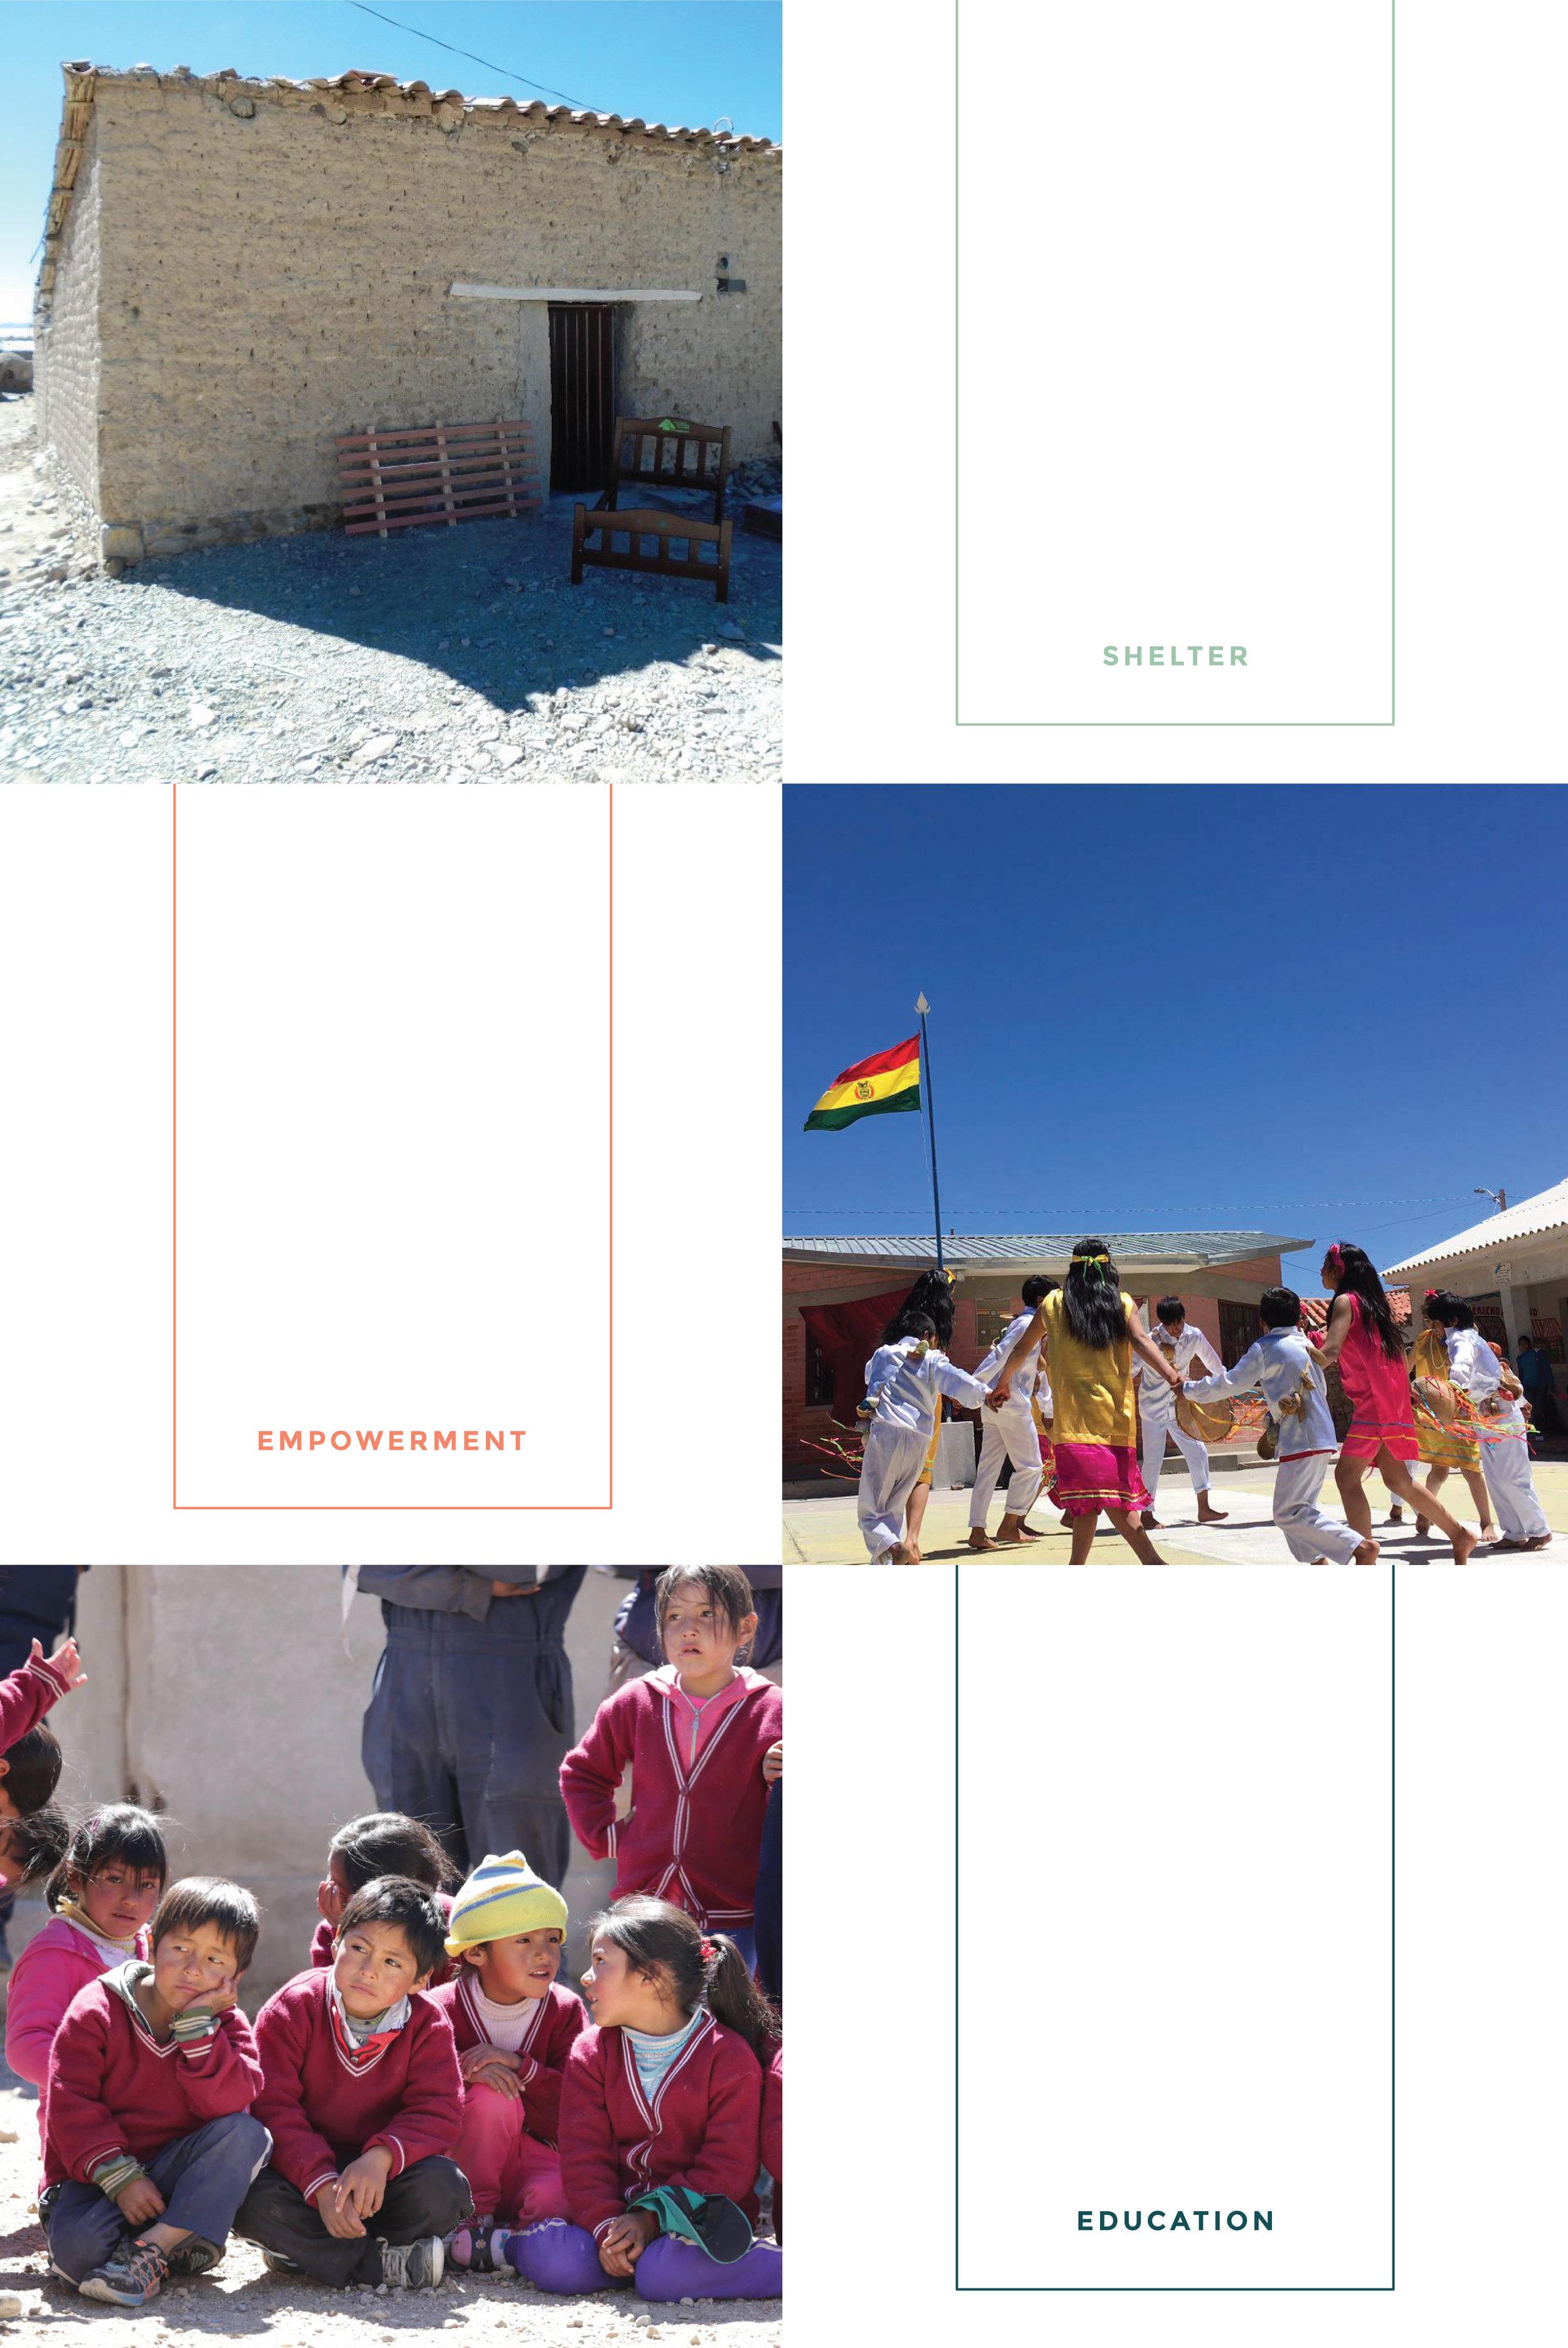 Website-hospedaje-shelter.jpg